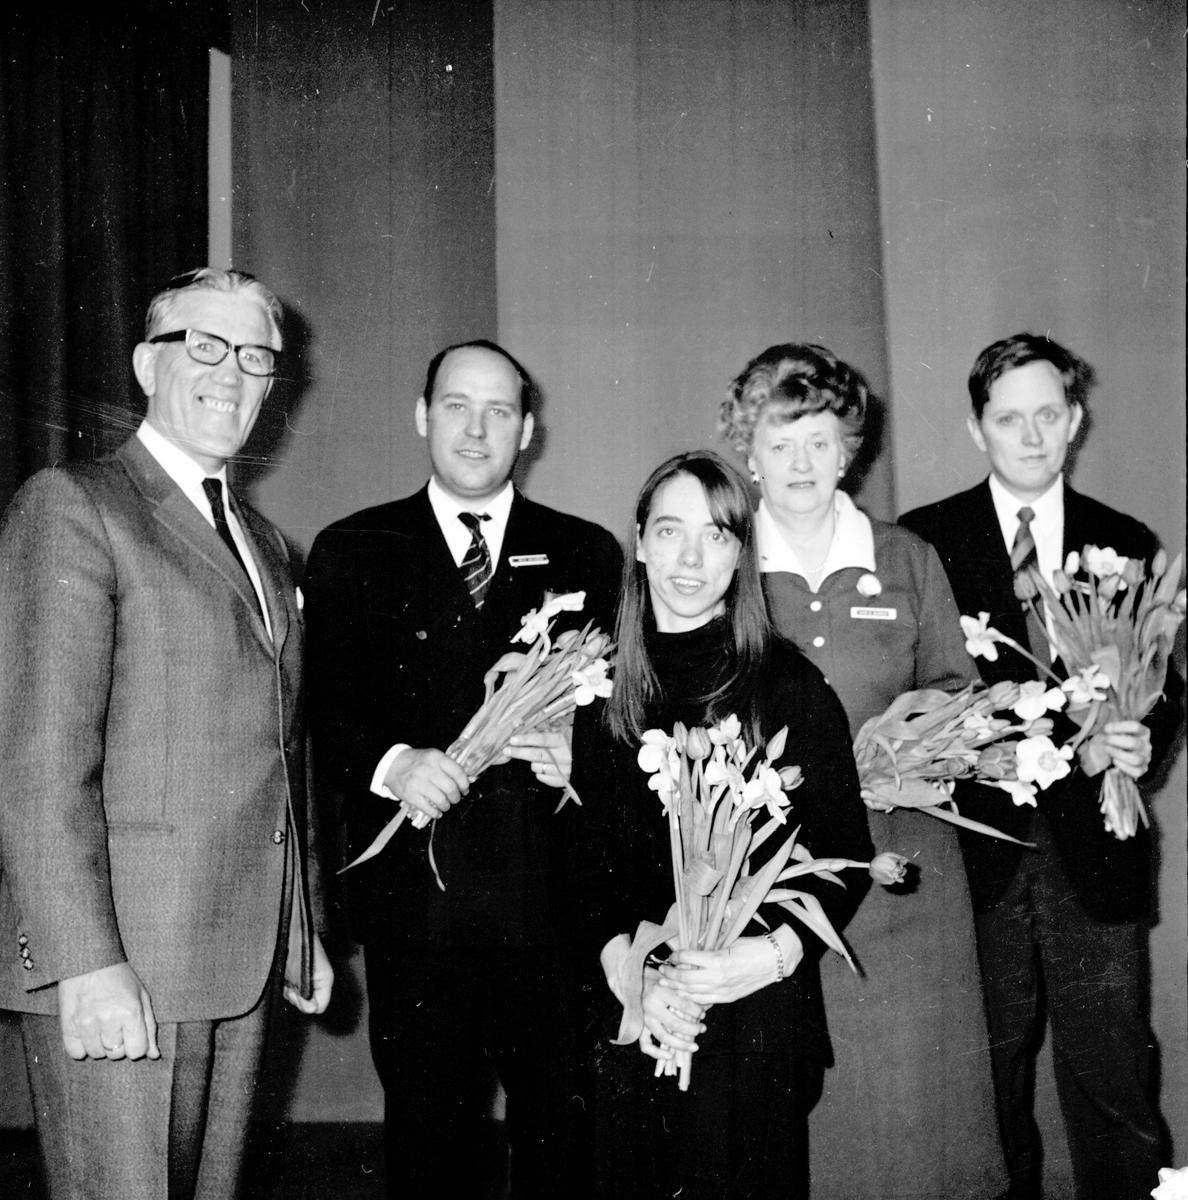 Arbrå, Folkpartiårsmöte, 1971